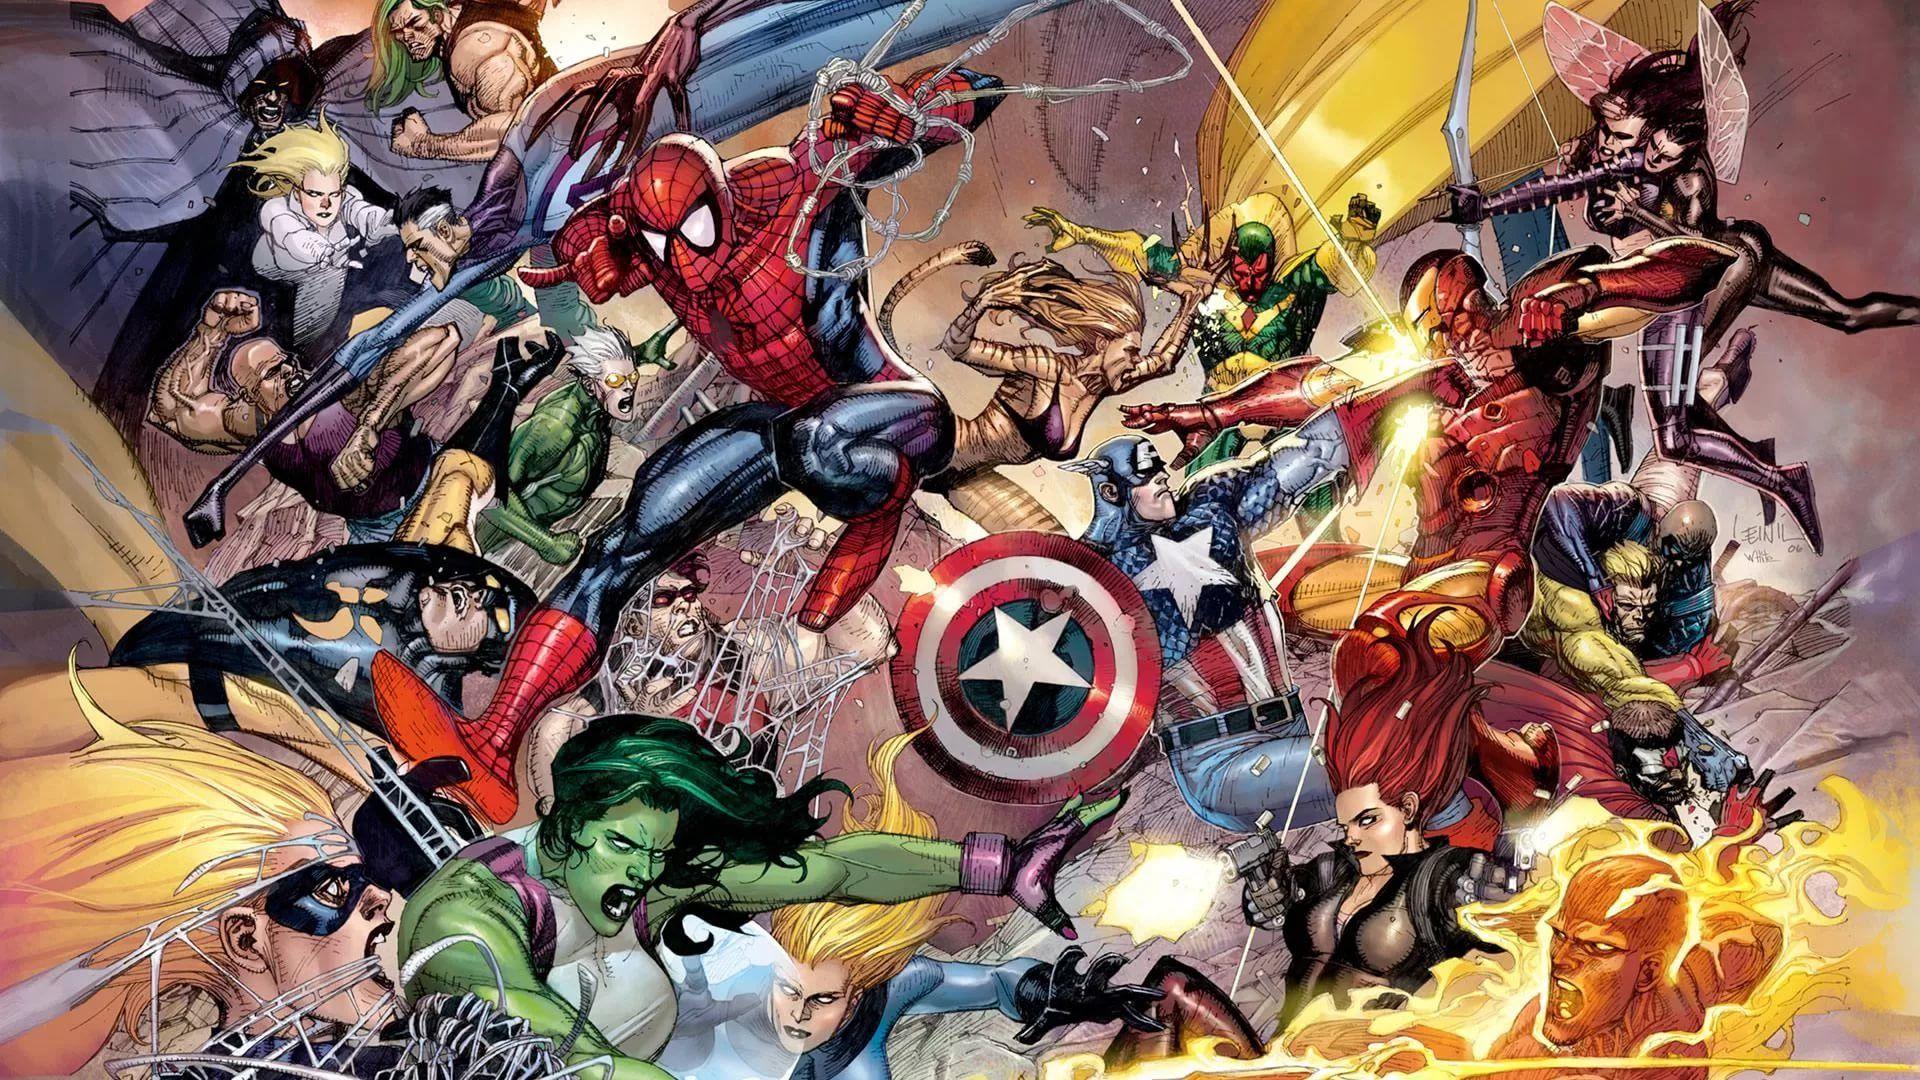 Comic Book Wallpaper Image